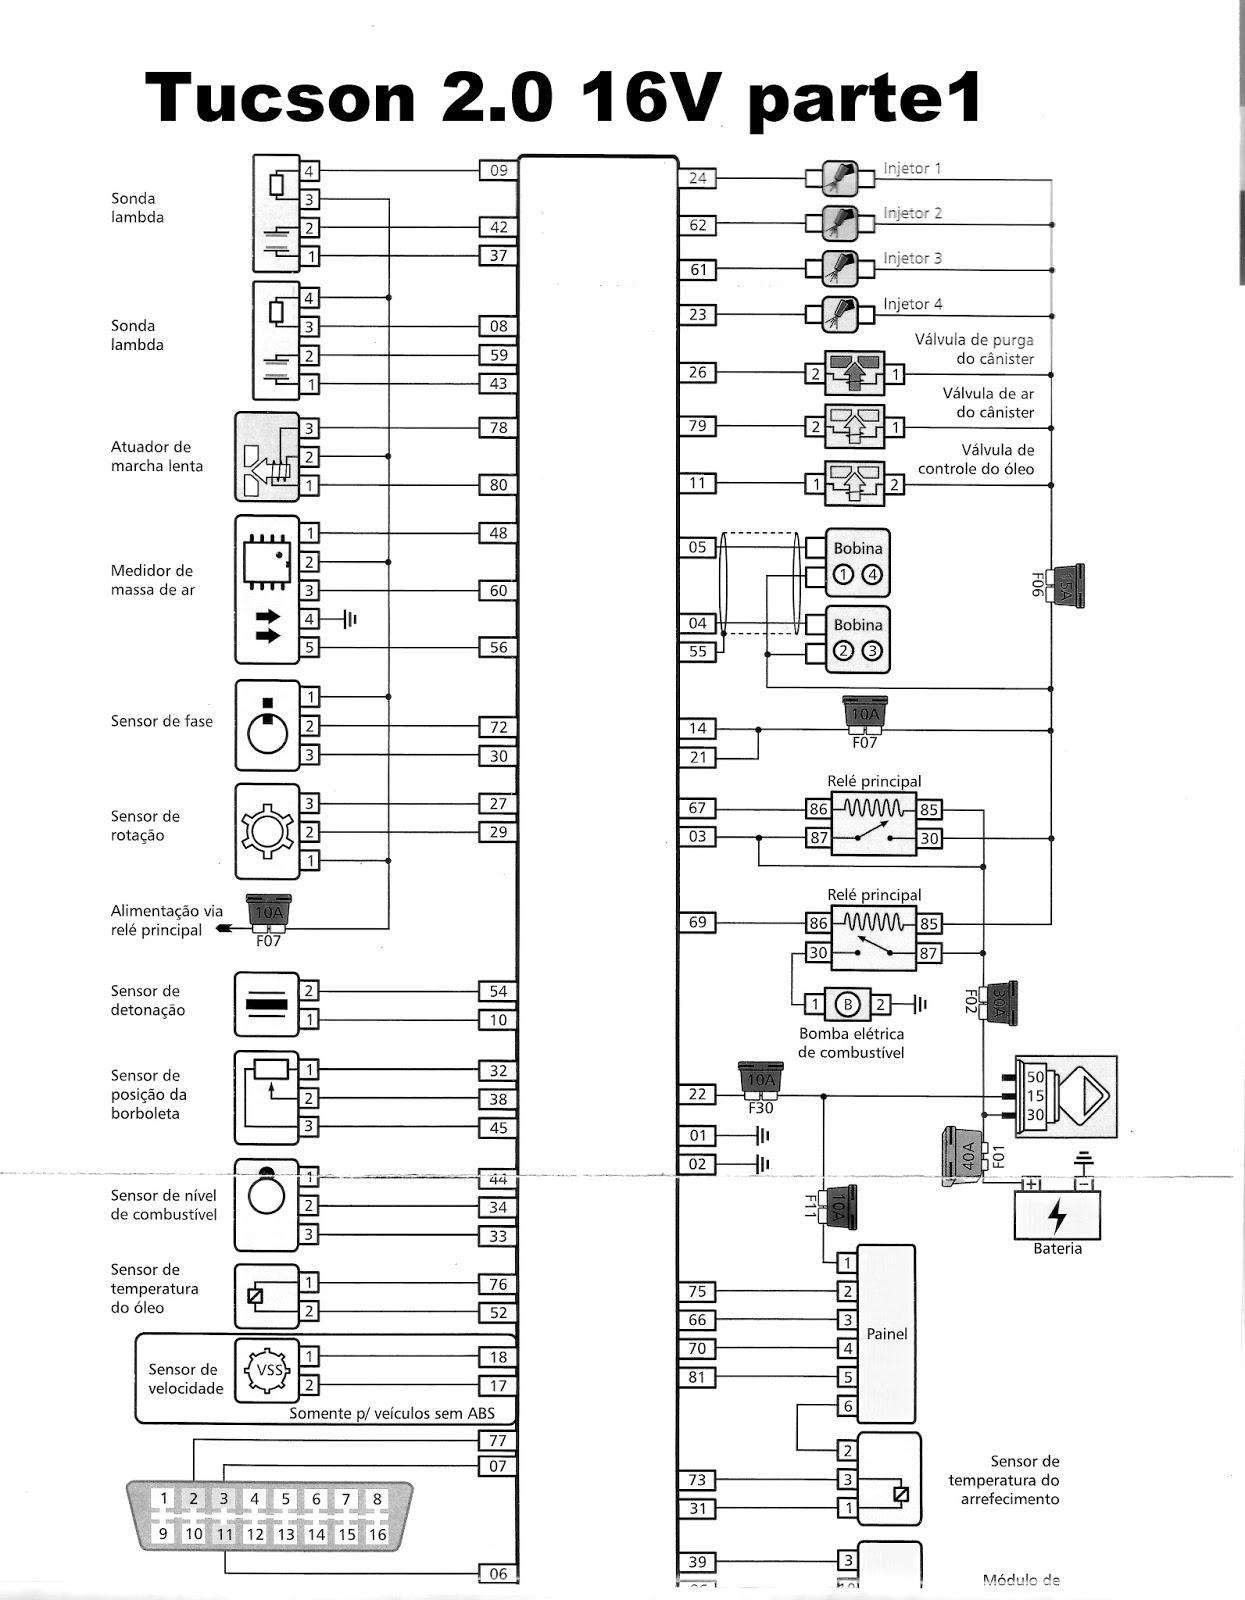 EP Injeção Eletrônica*: Esquema elétrico Tucson 2.0 16V